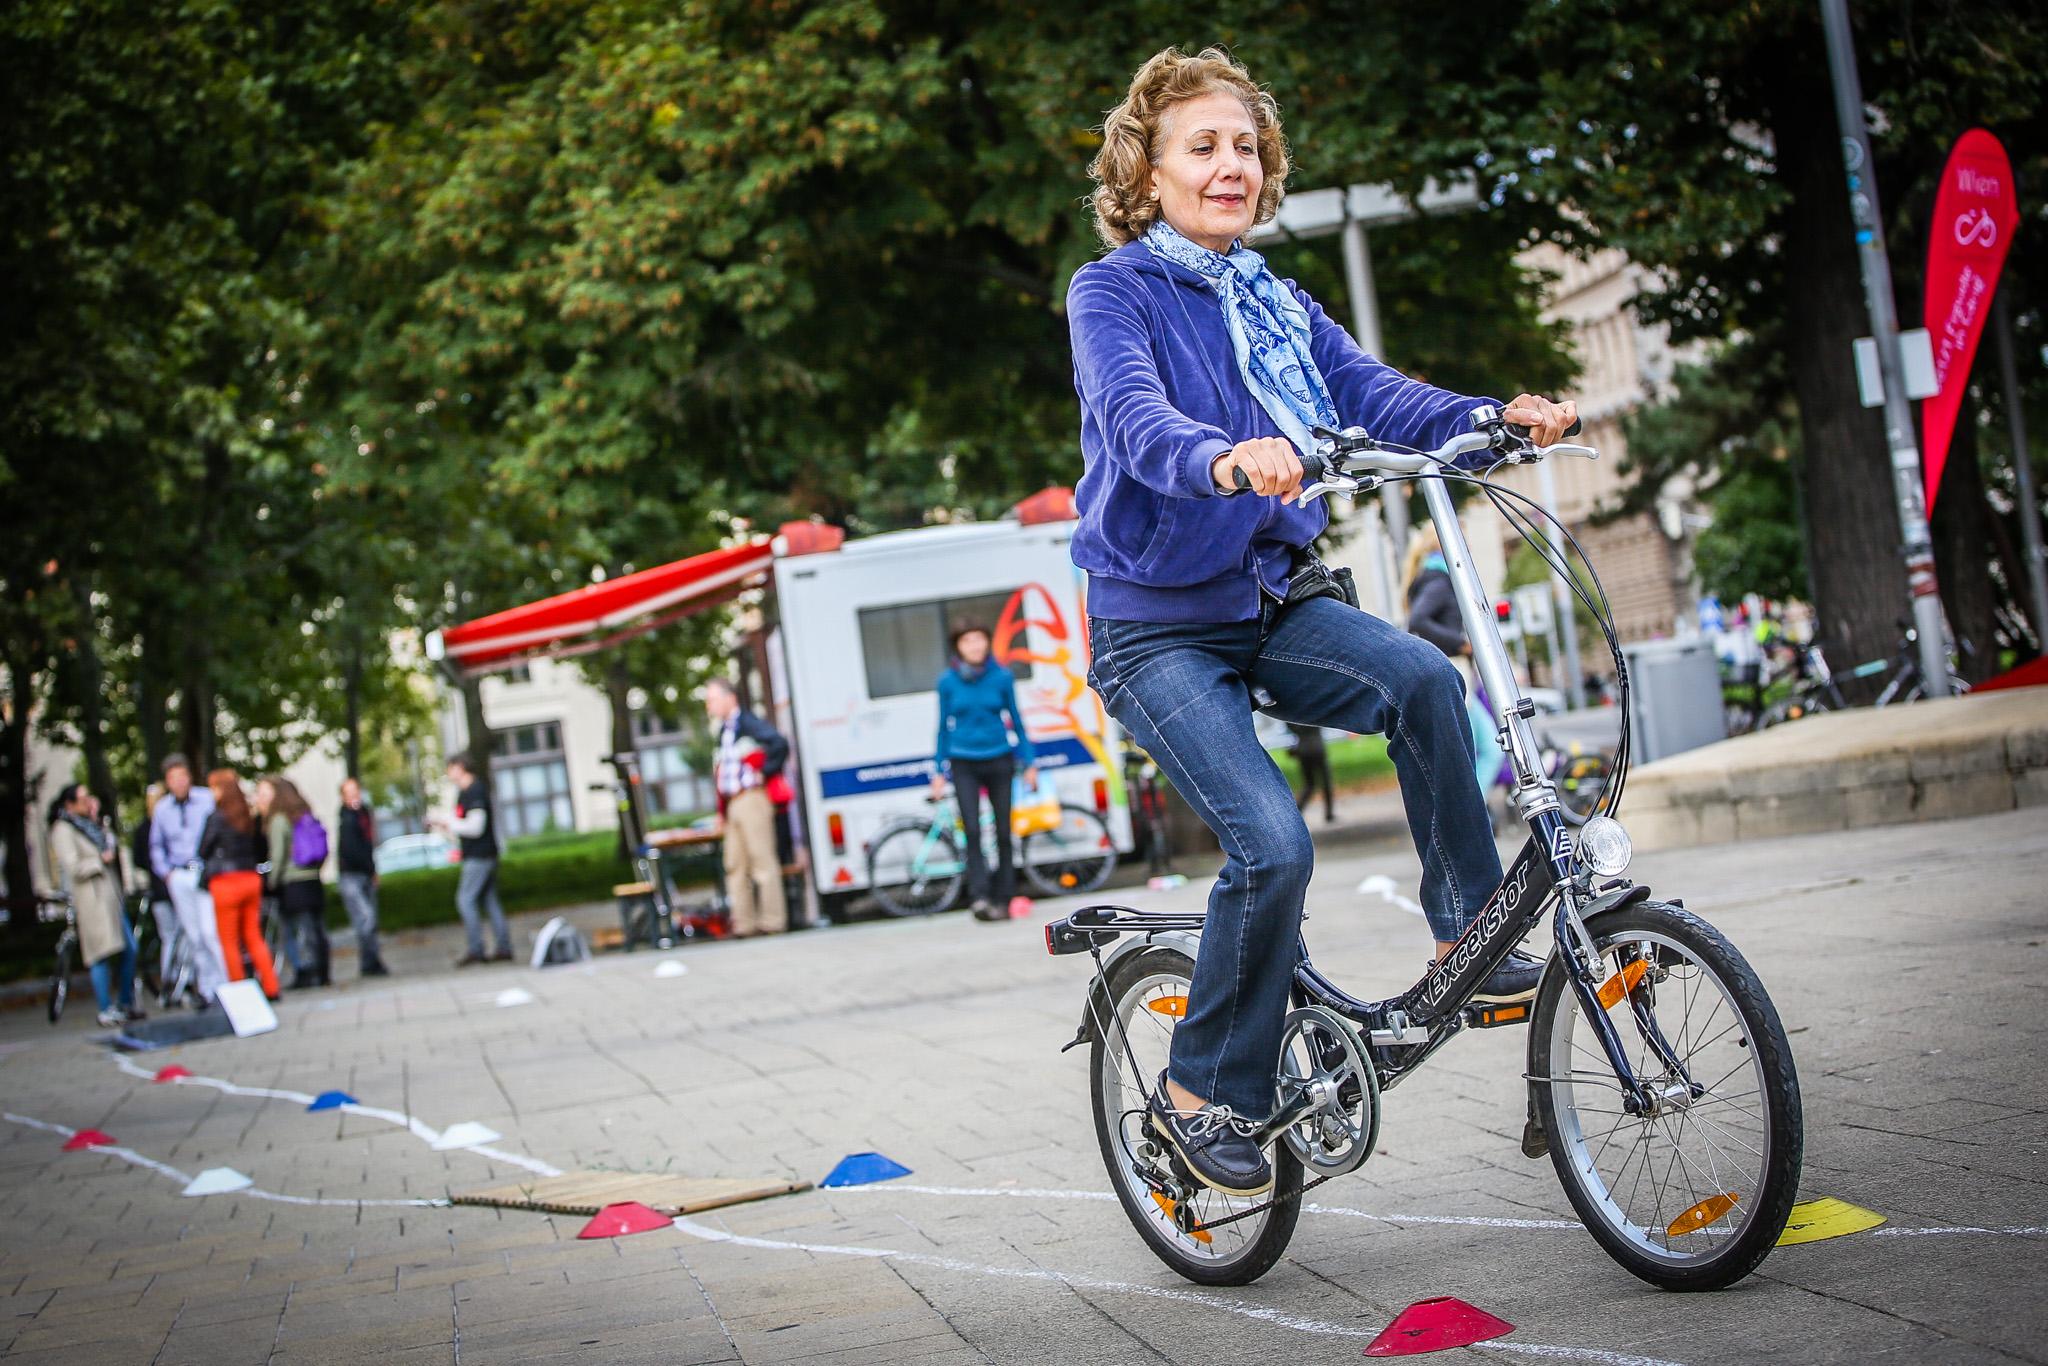 Radkurs für Seniorinnen und Senioren. Foto von Christian Fürthner